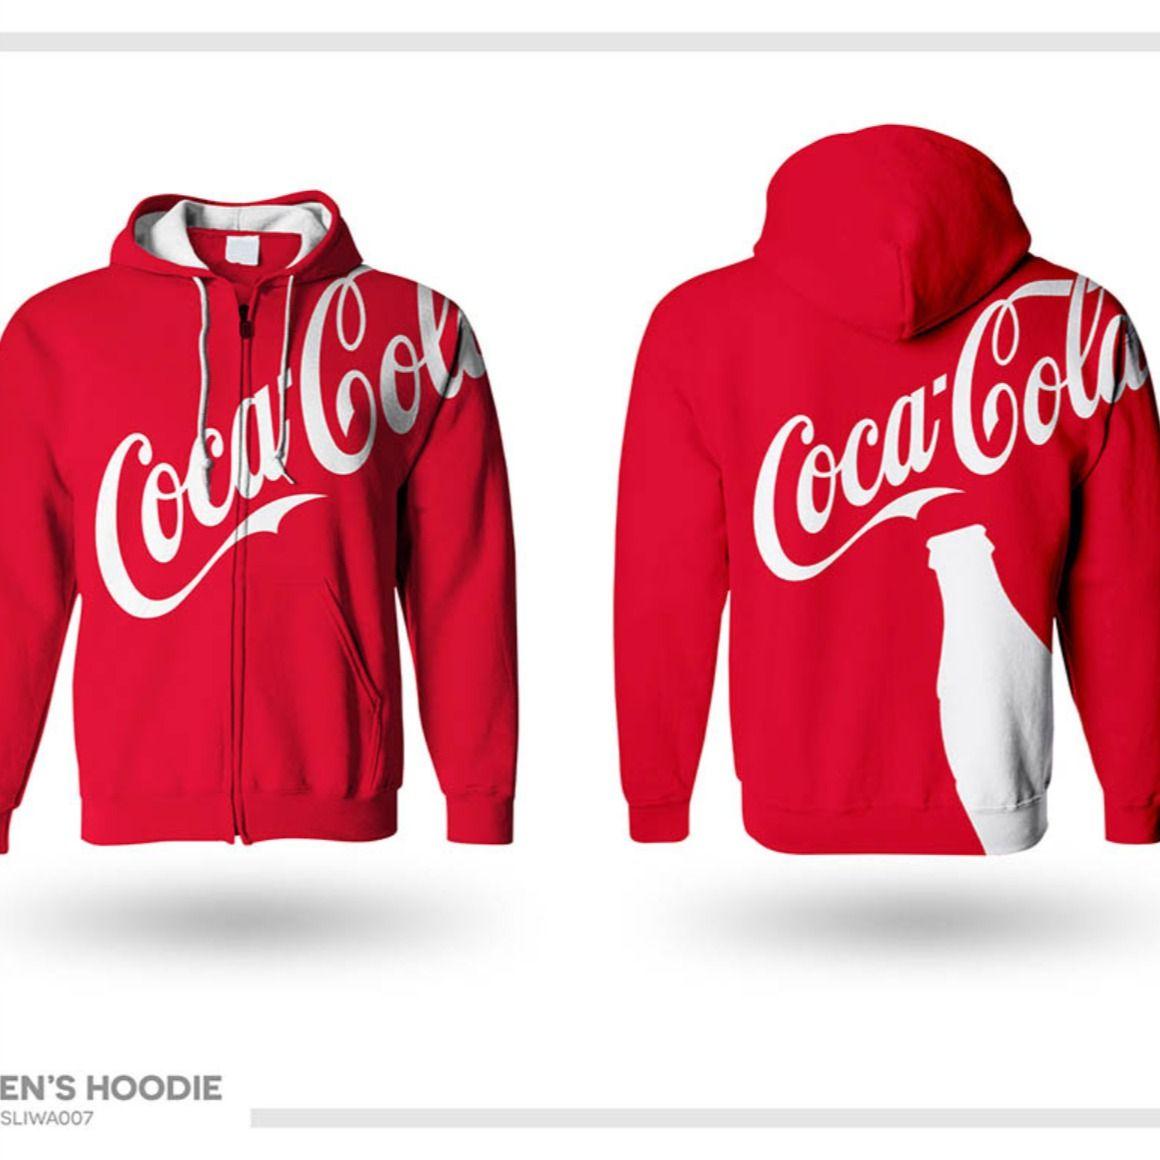 Download Hoodie Free Mockup Dealjumbo Com Discounted Design Bundles With Extended License Hoodie Mockup Clothing Mockup Hoodies